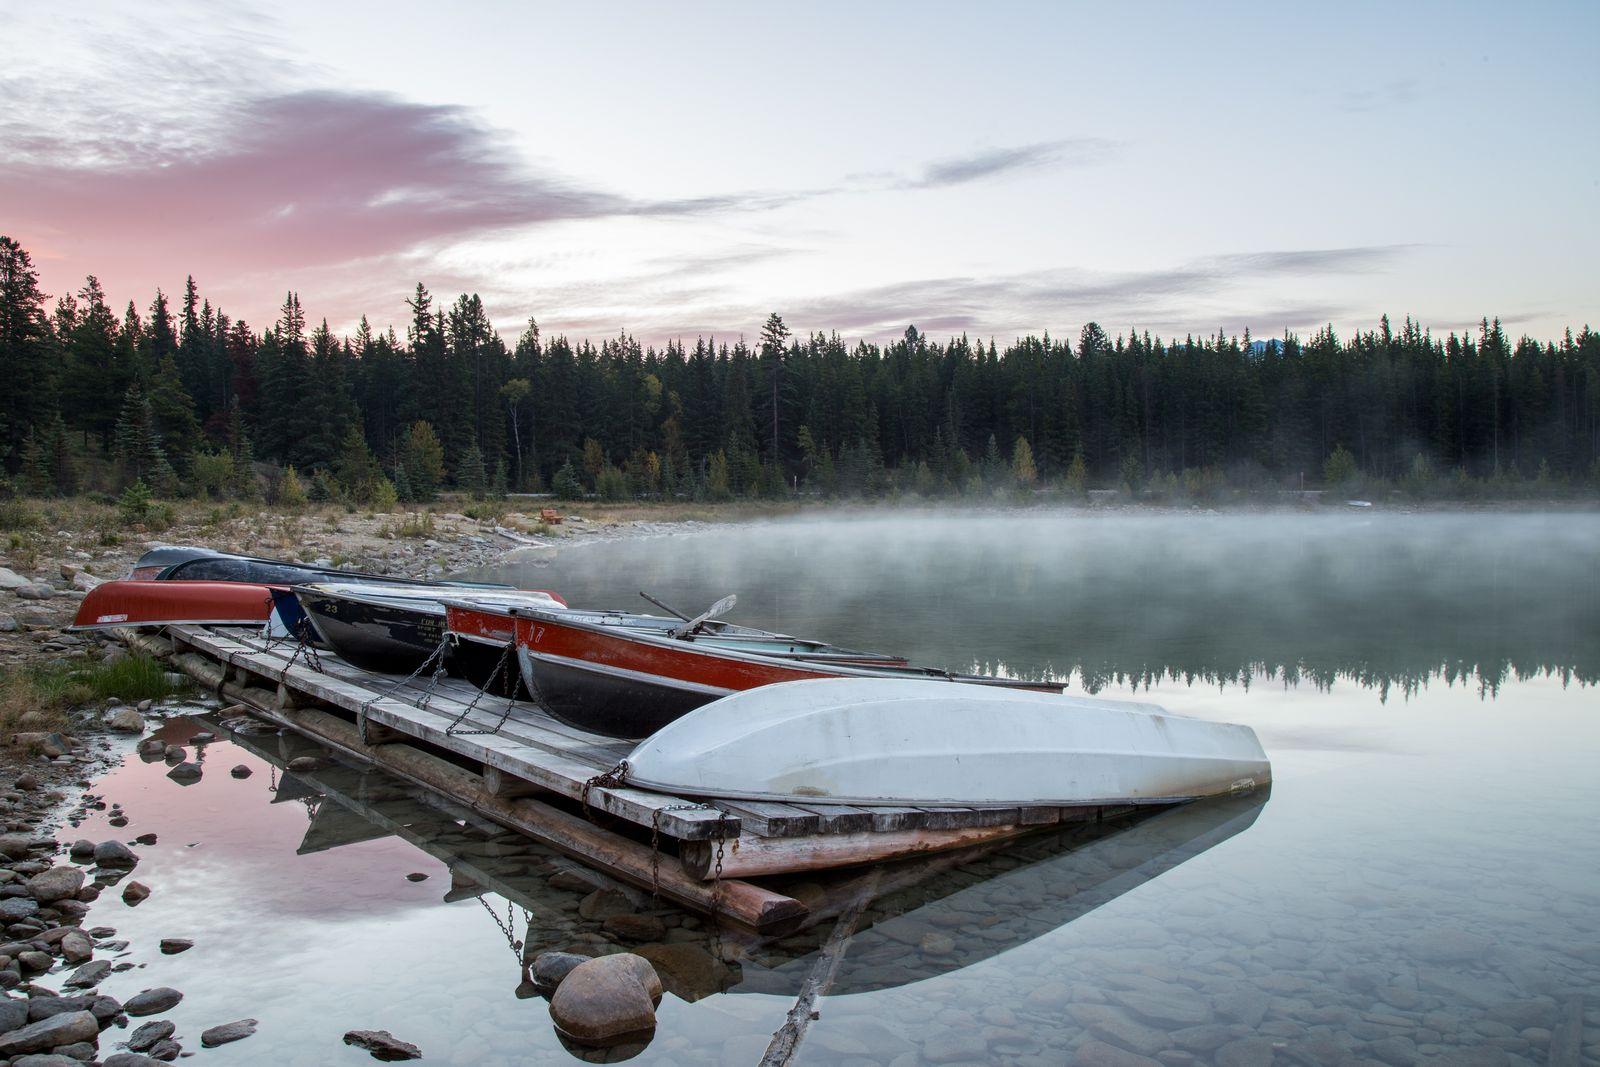 Barcas dándonos la bienvenida a Patricia Lake